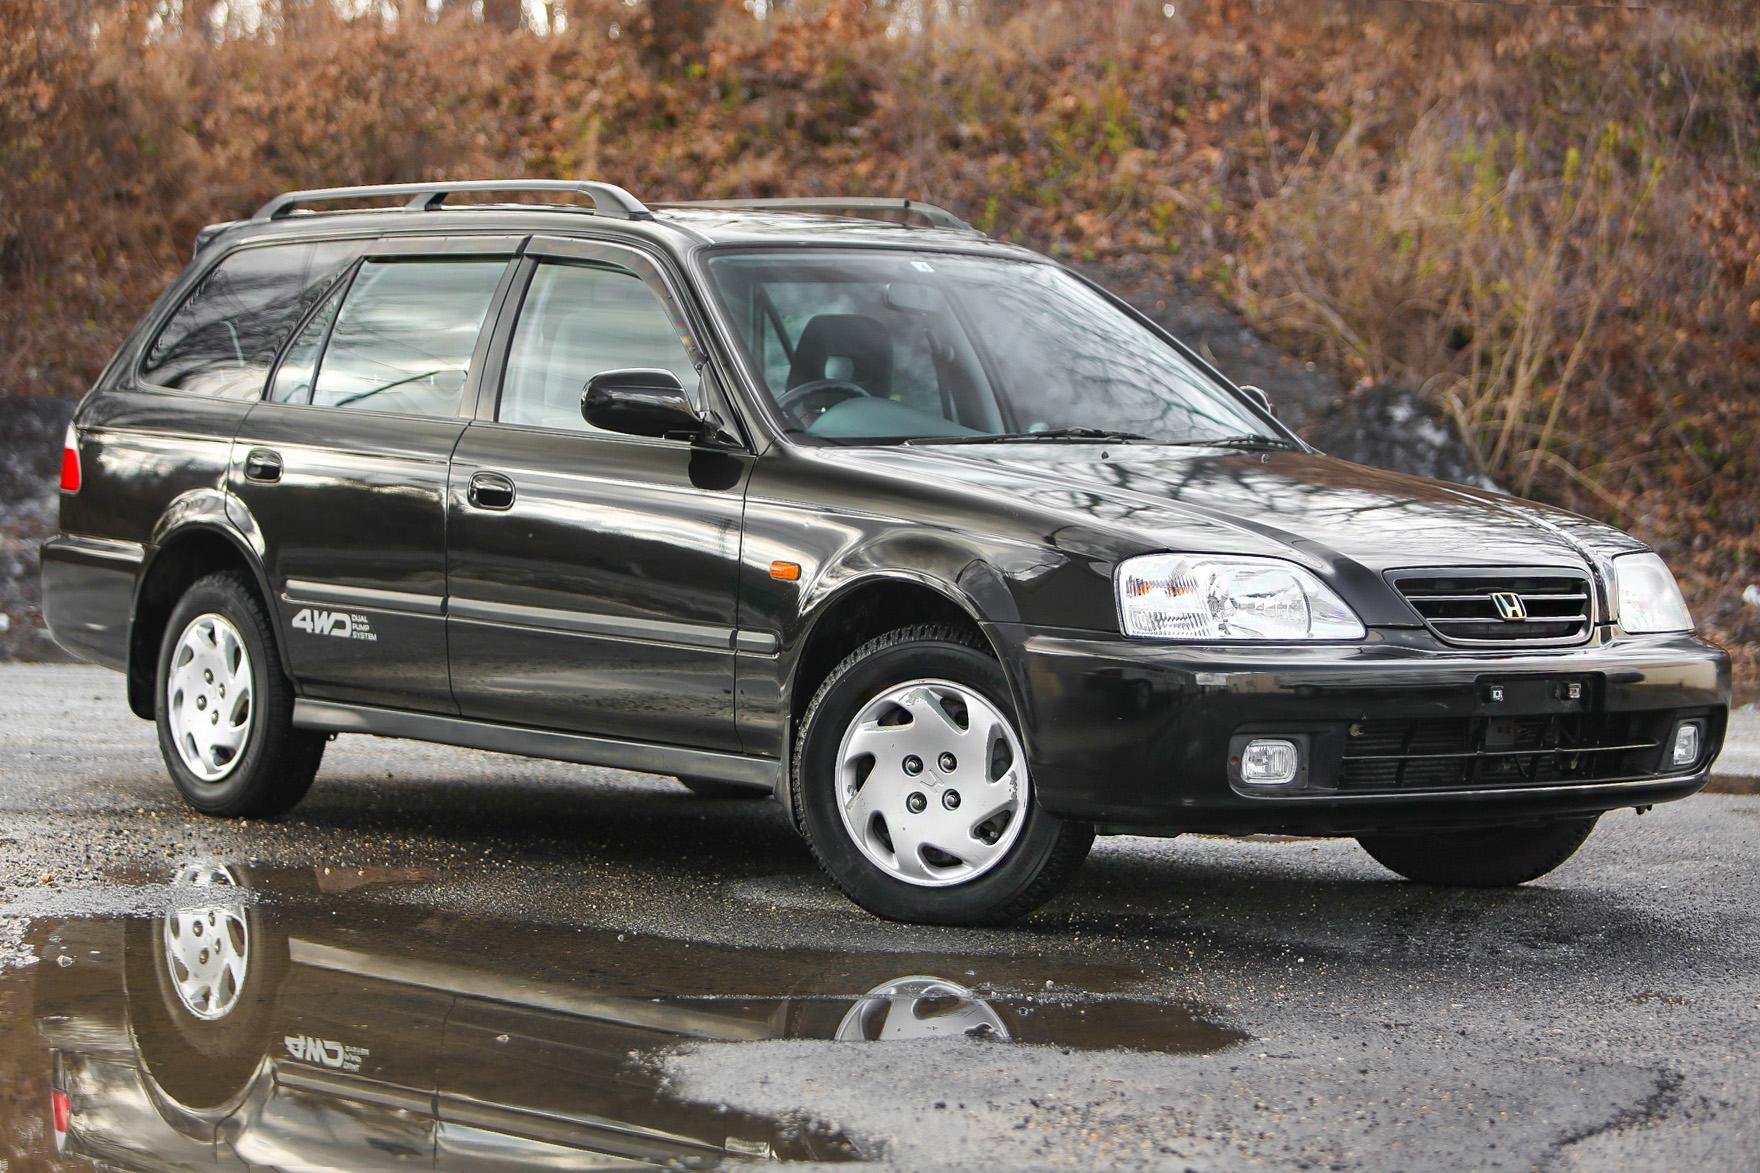 1996 Honda Orthia - COLLECTOR CAR AUCTION SOON